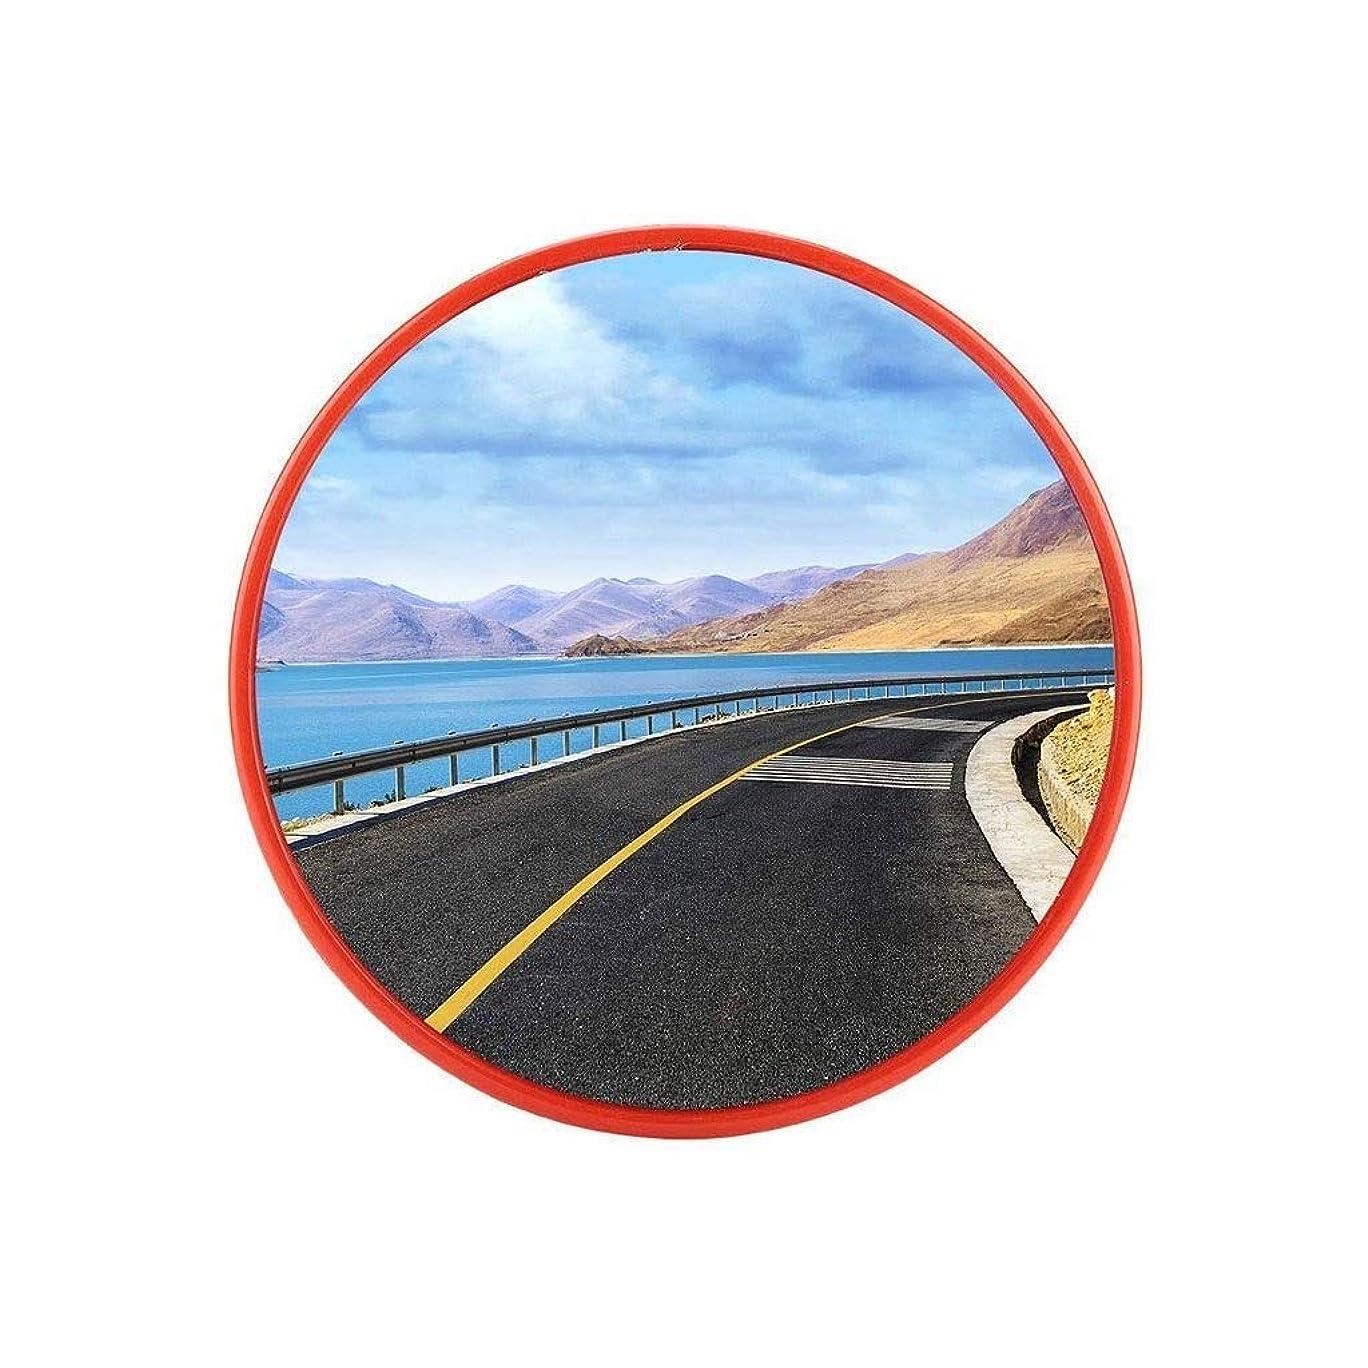 料理をする褐色論理的に広角丸鏡、凸面、交通鏡、交通鏡、取り付け金具付き凸面ストリートギャングウェイ、取り付けアクセサリー-0814(サイズ:60cm)